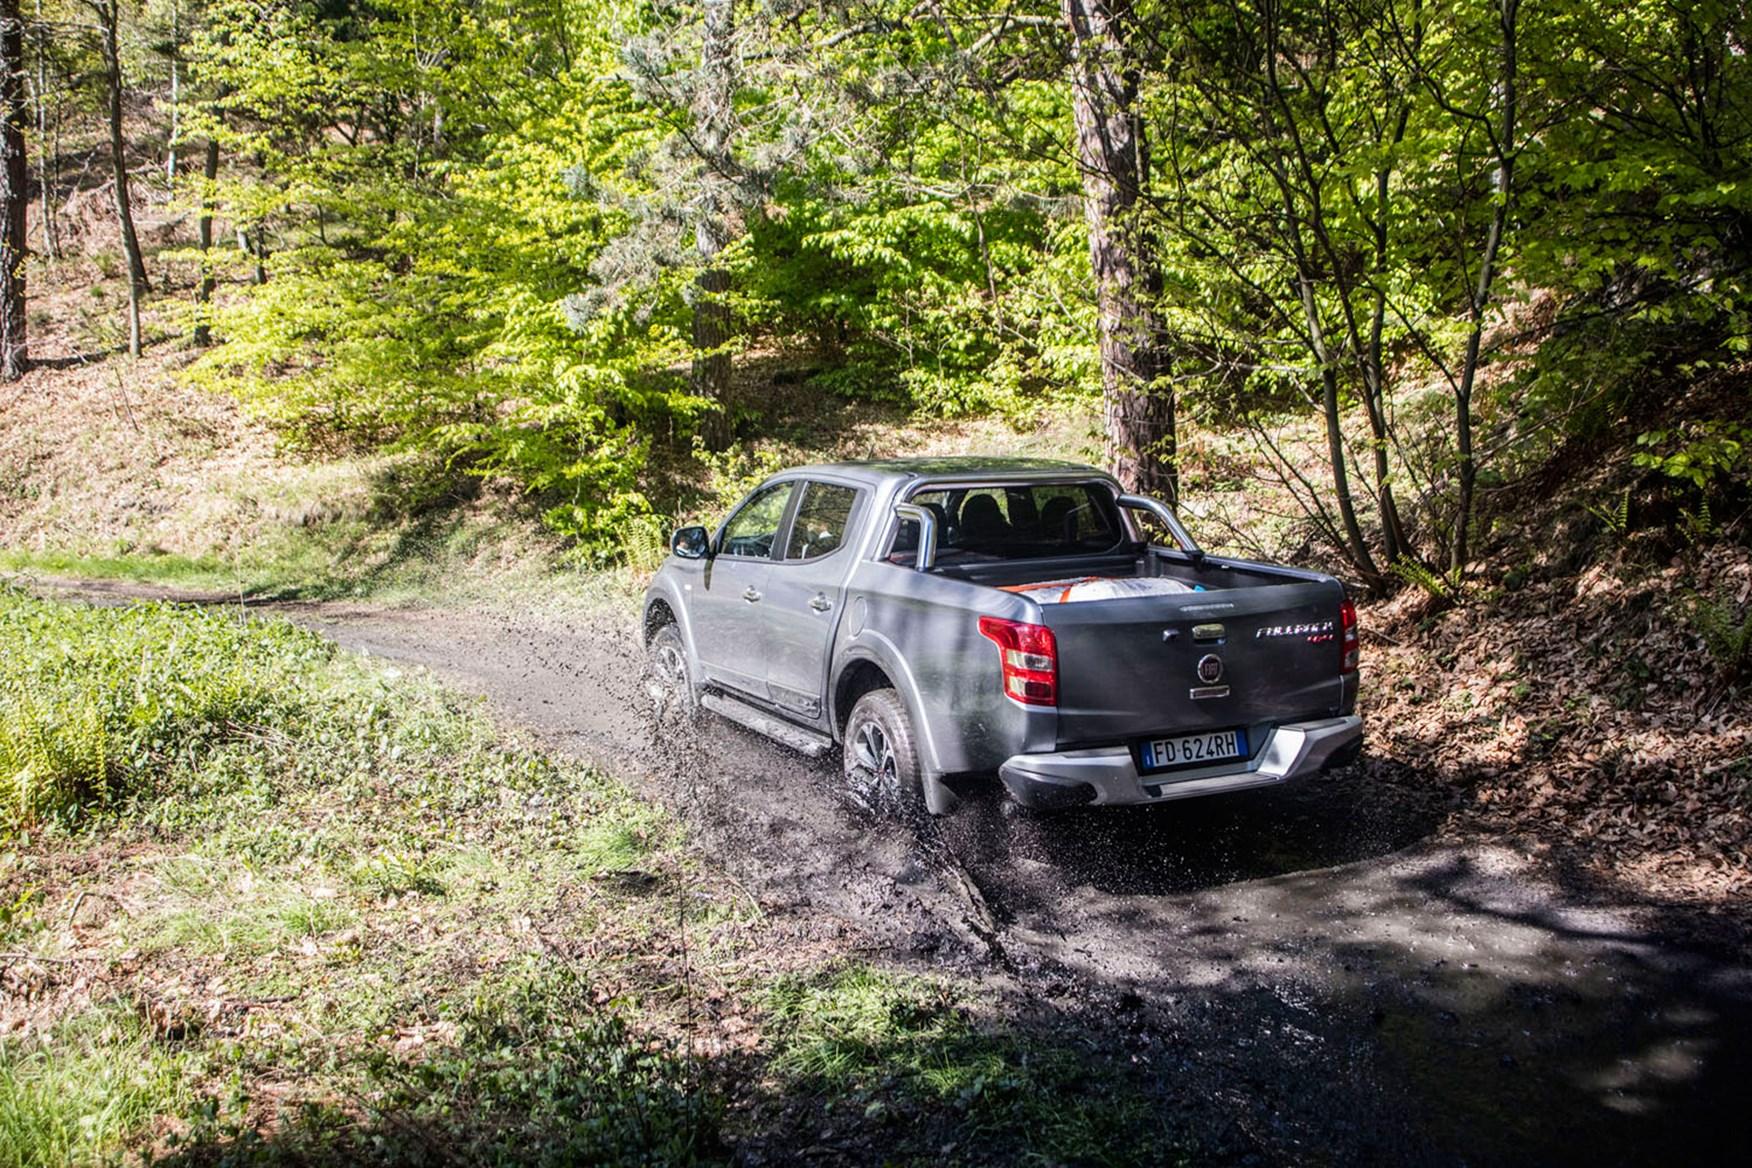 Fiat Fullback full review on Parkers Vans - off roading